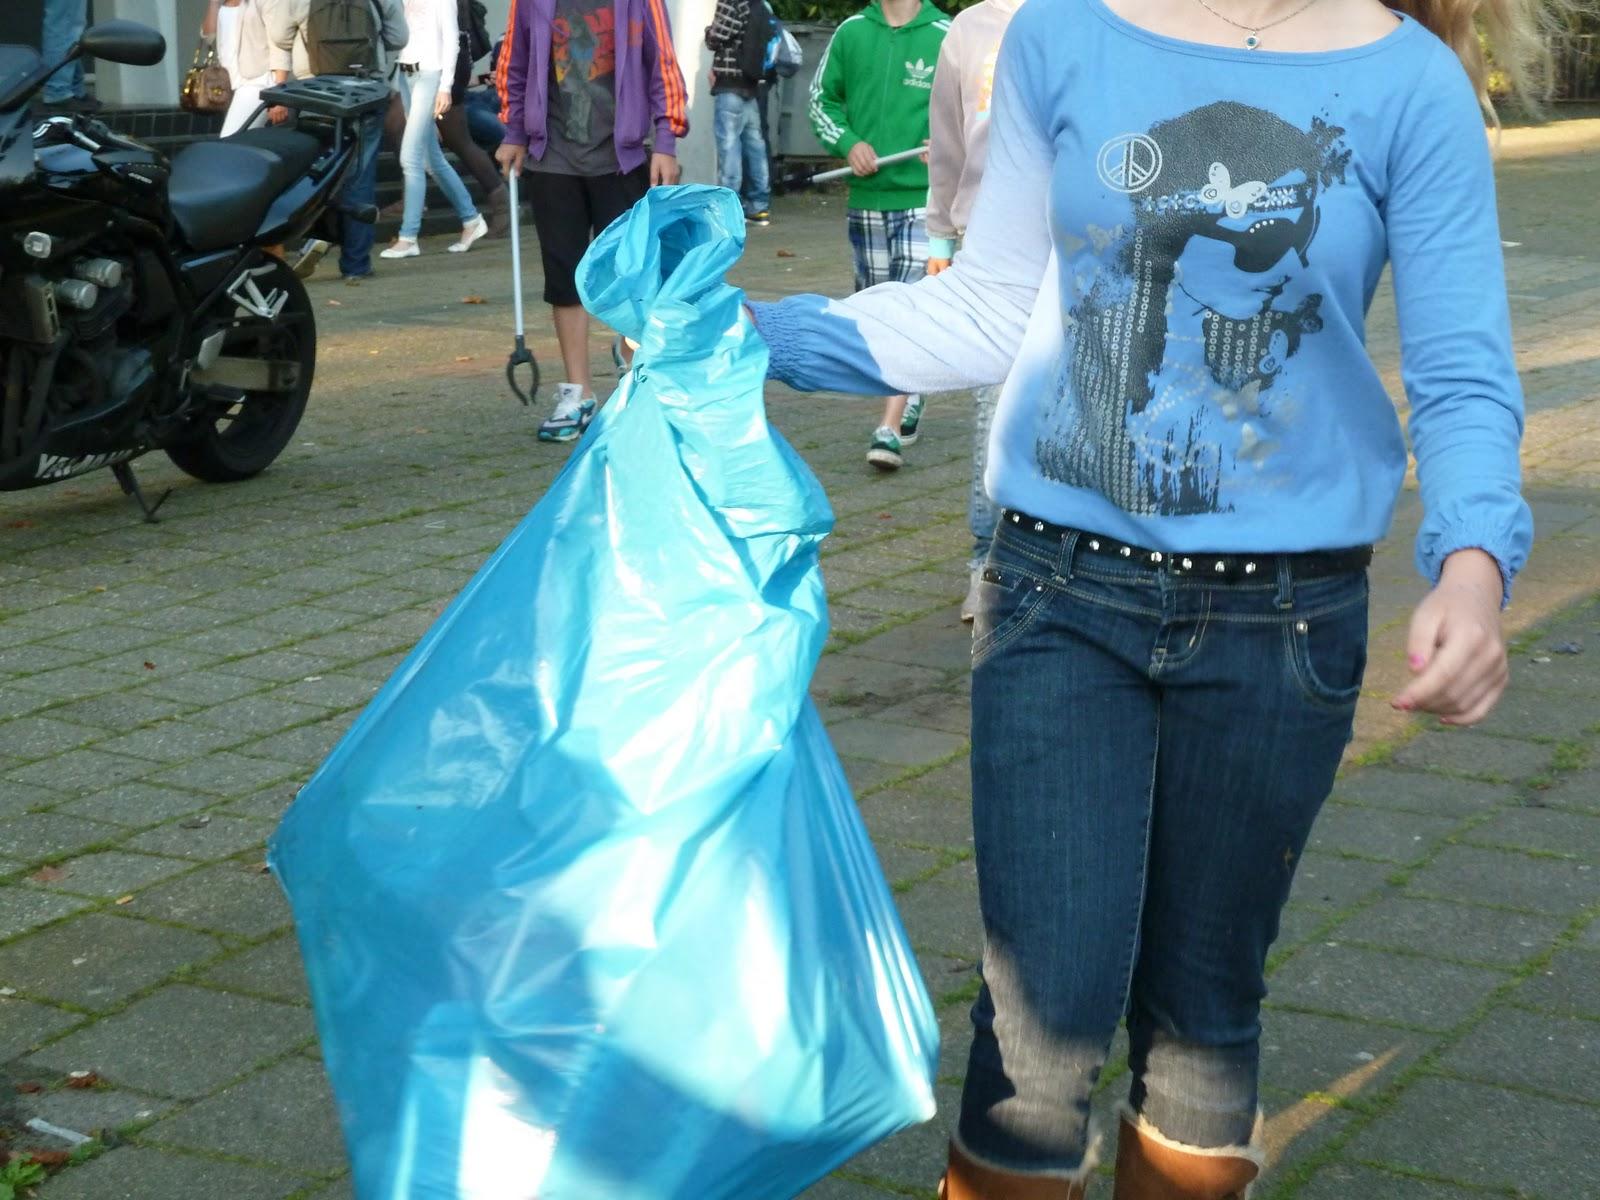 Projectklas het college vos september 2011 - Idee gang ingang ...